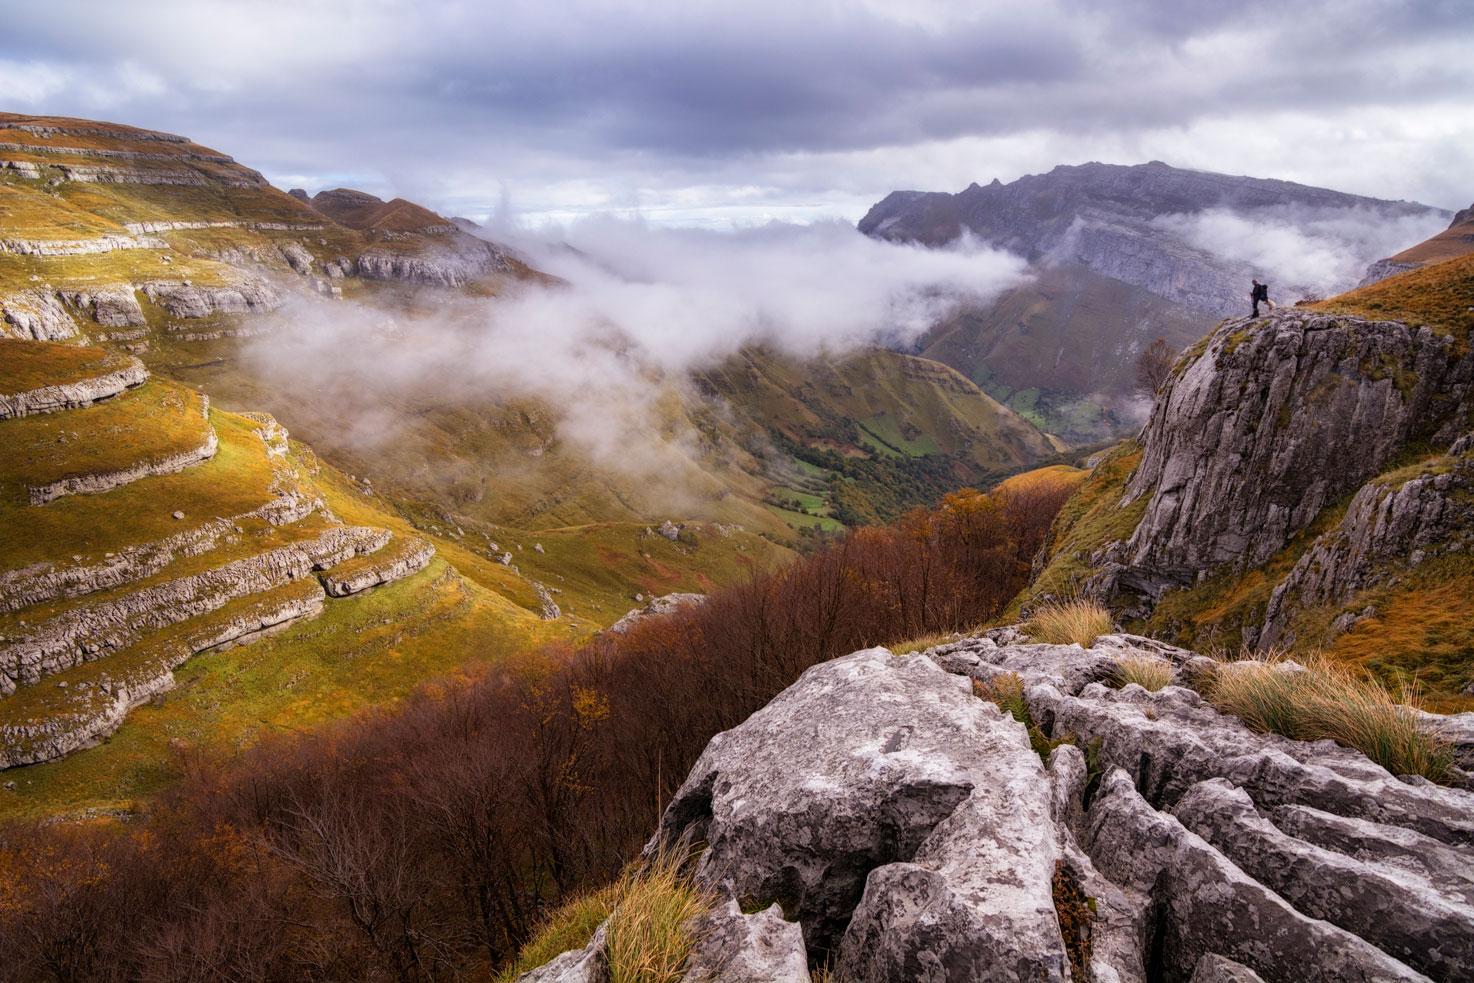 En los confines del Asón, Cantabria. - Deportes y aventuras - Iñaki Larrea, Fotografía de naturaleza y montaña